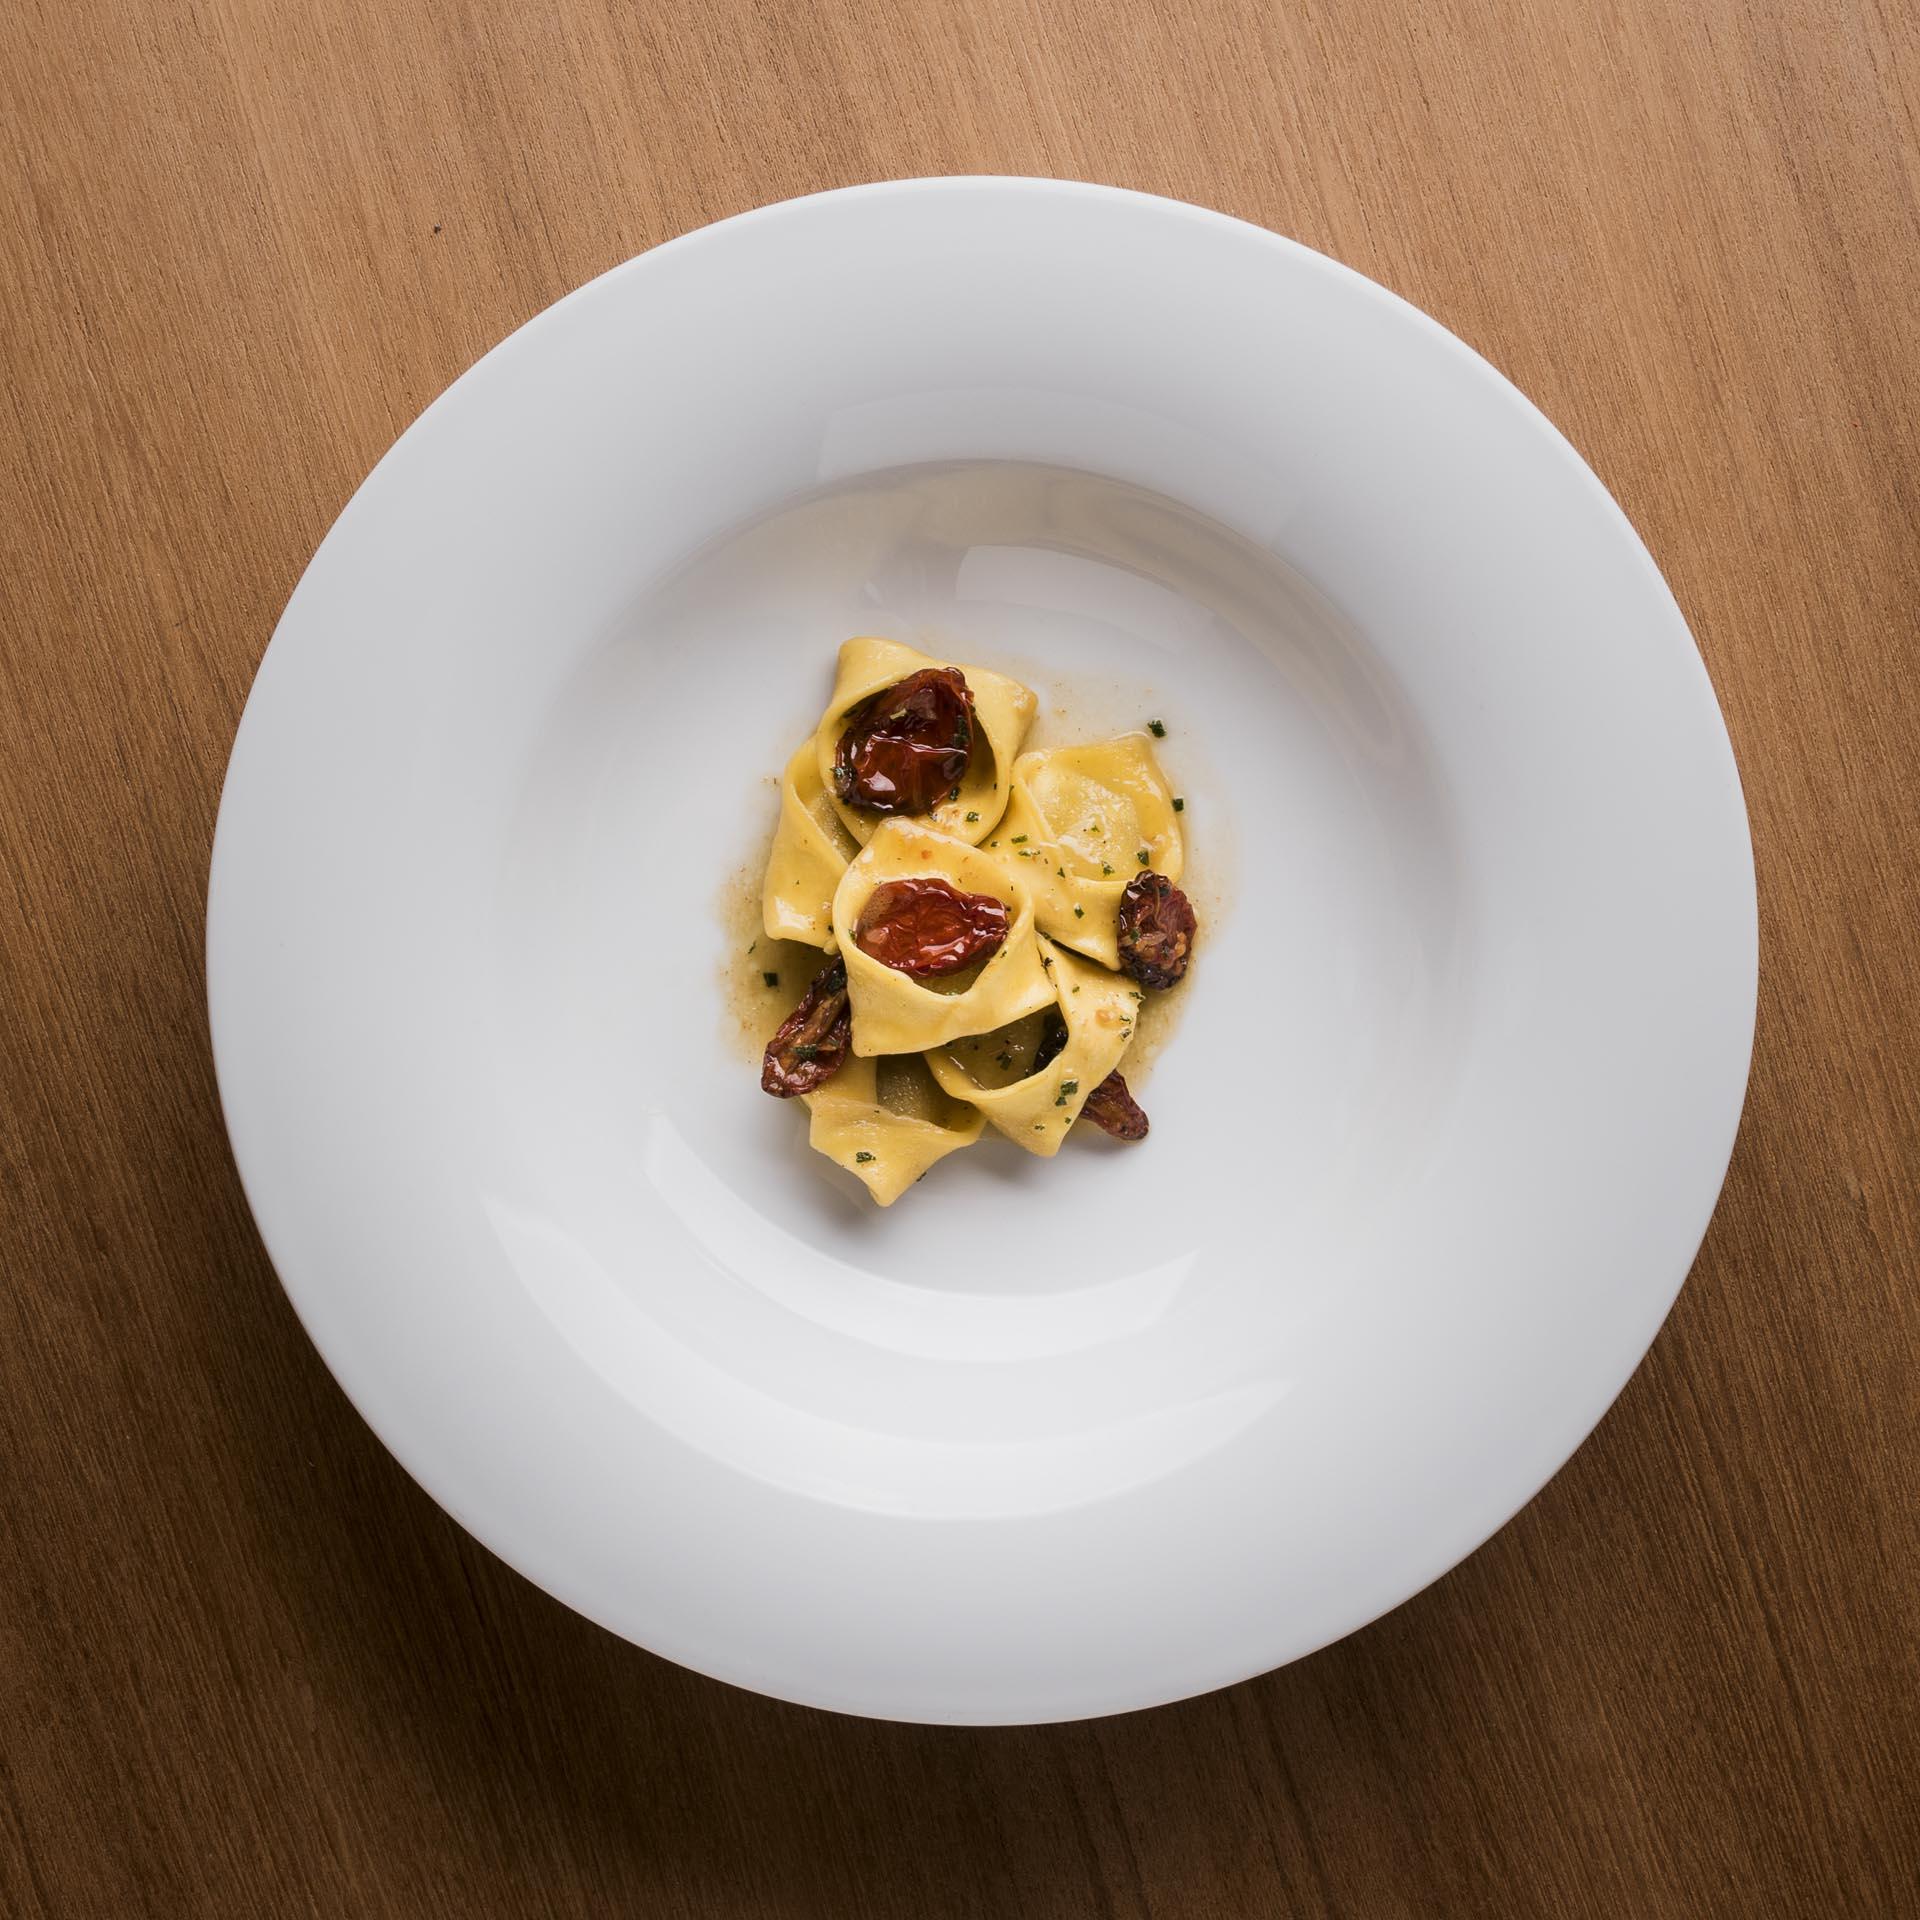 ristorante_massenzio_ravioli_oca_ristorante_massenzio_paccchero_spigola__DSC9064_sito